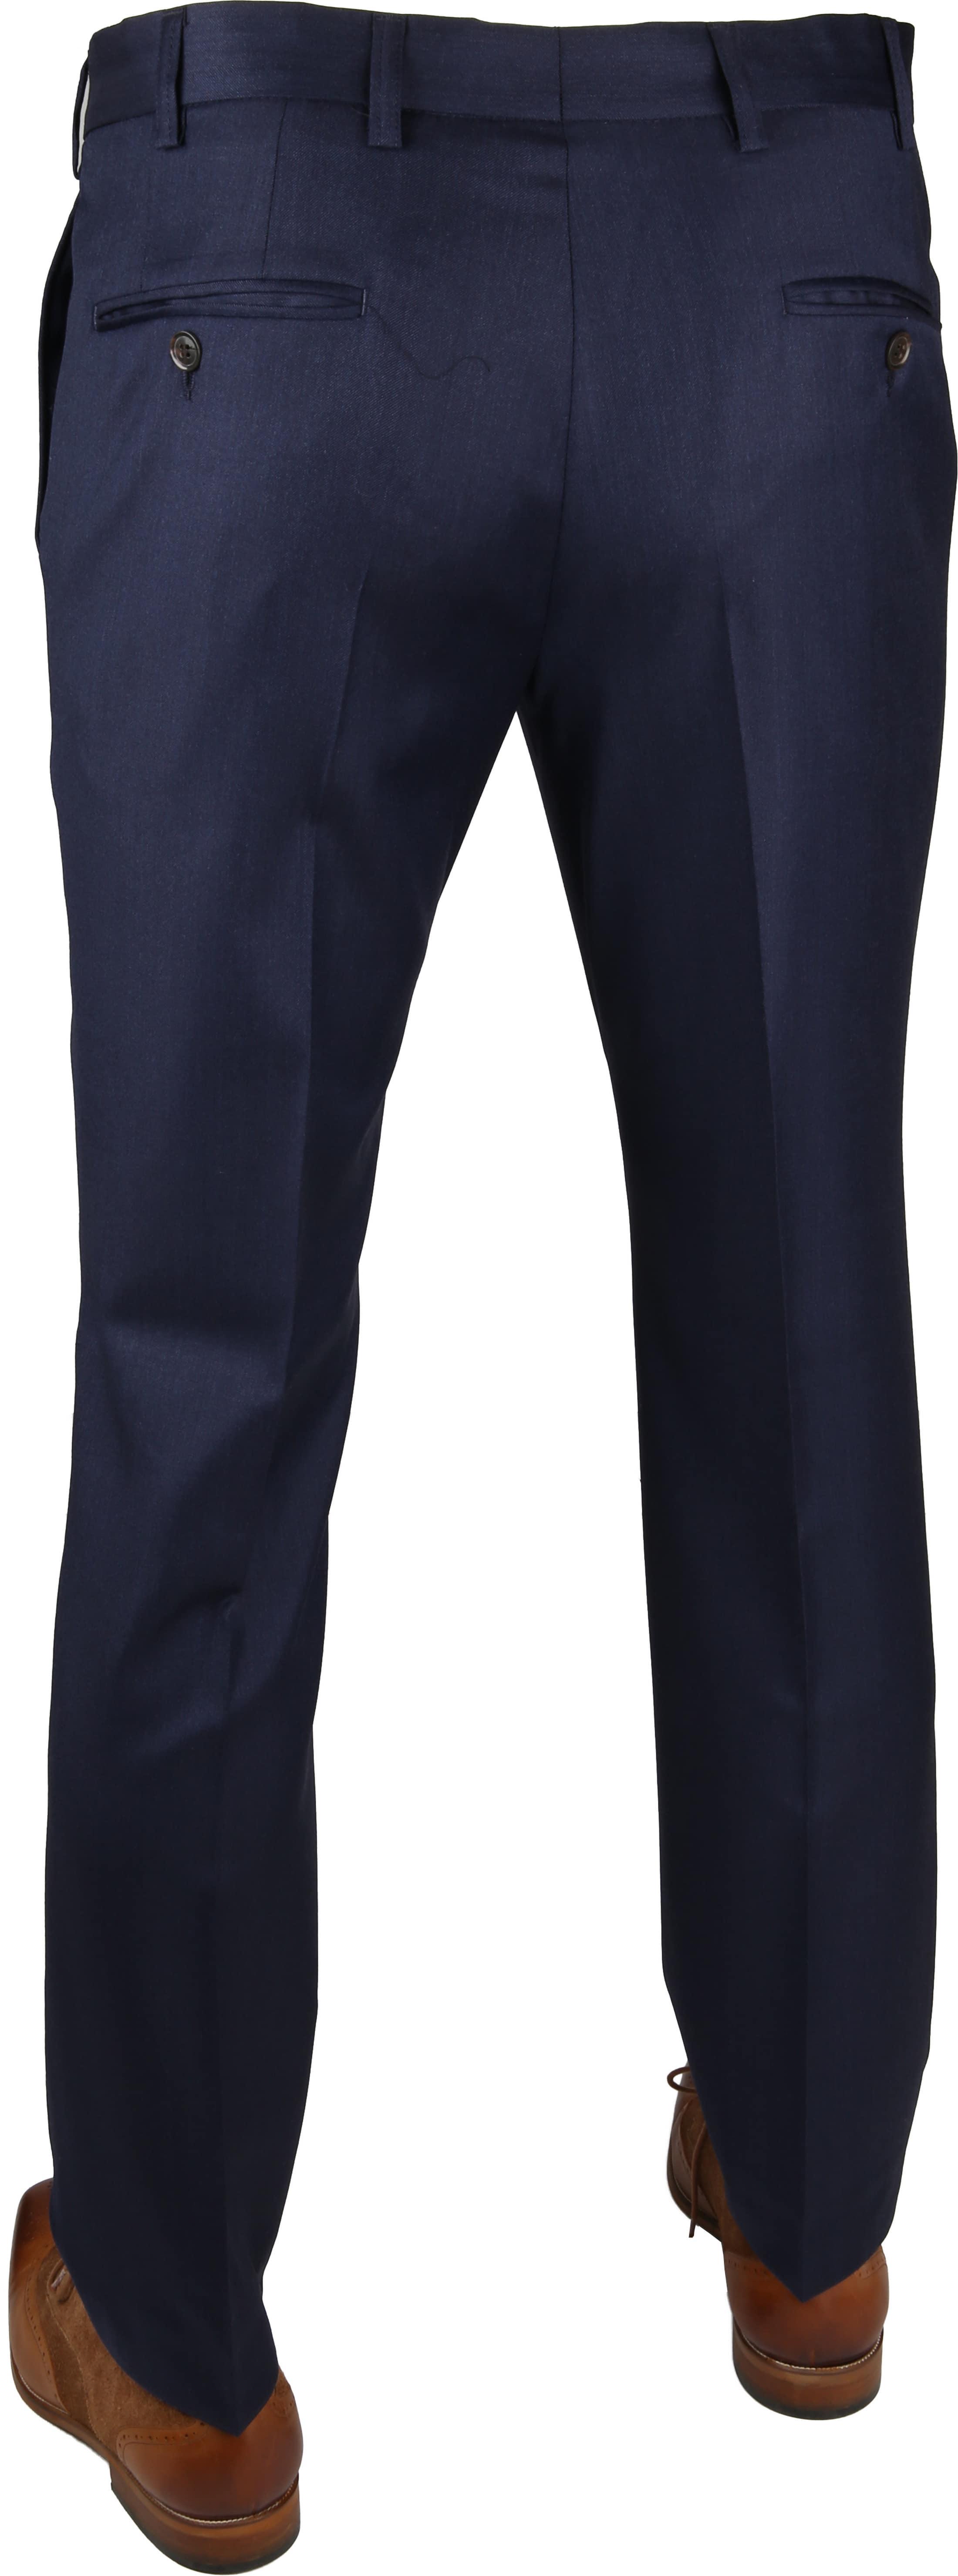 Suitable Pantalon Evans Dunkelblau Foto 3